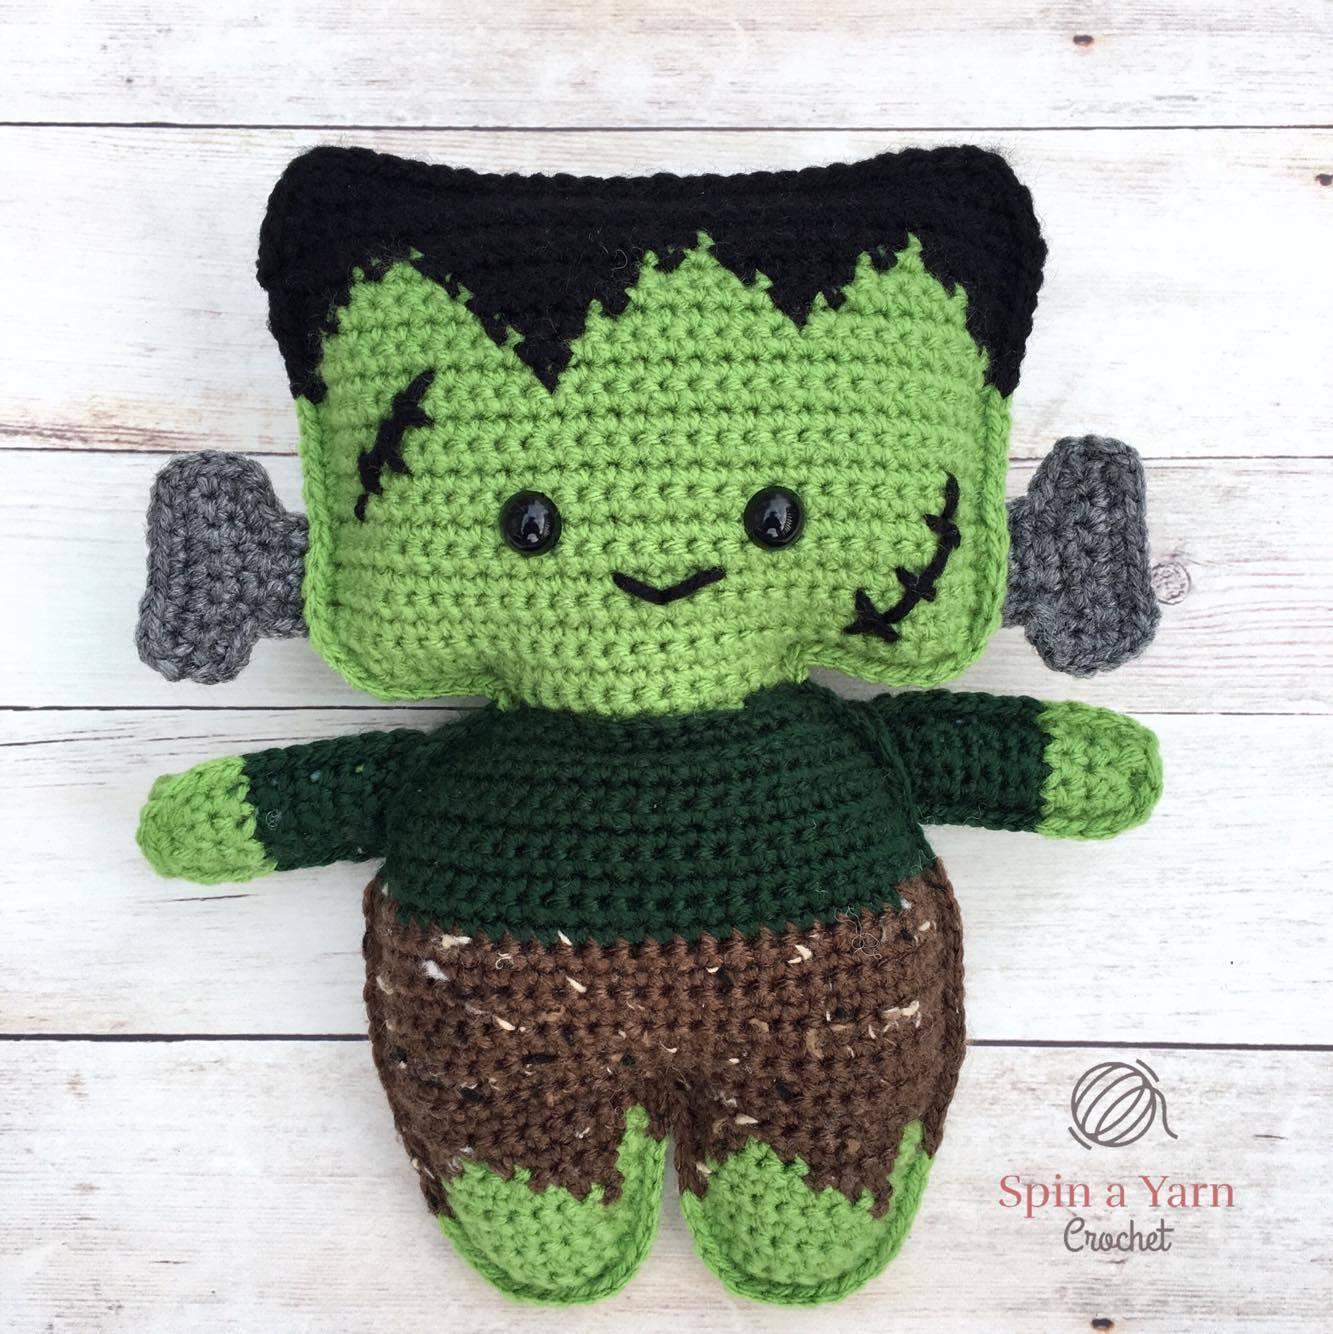 5. Frankenstein's monster